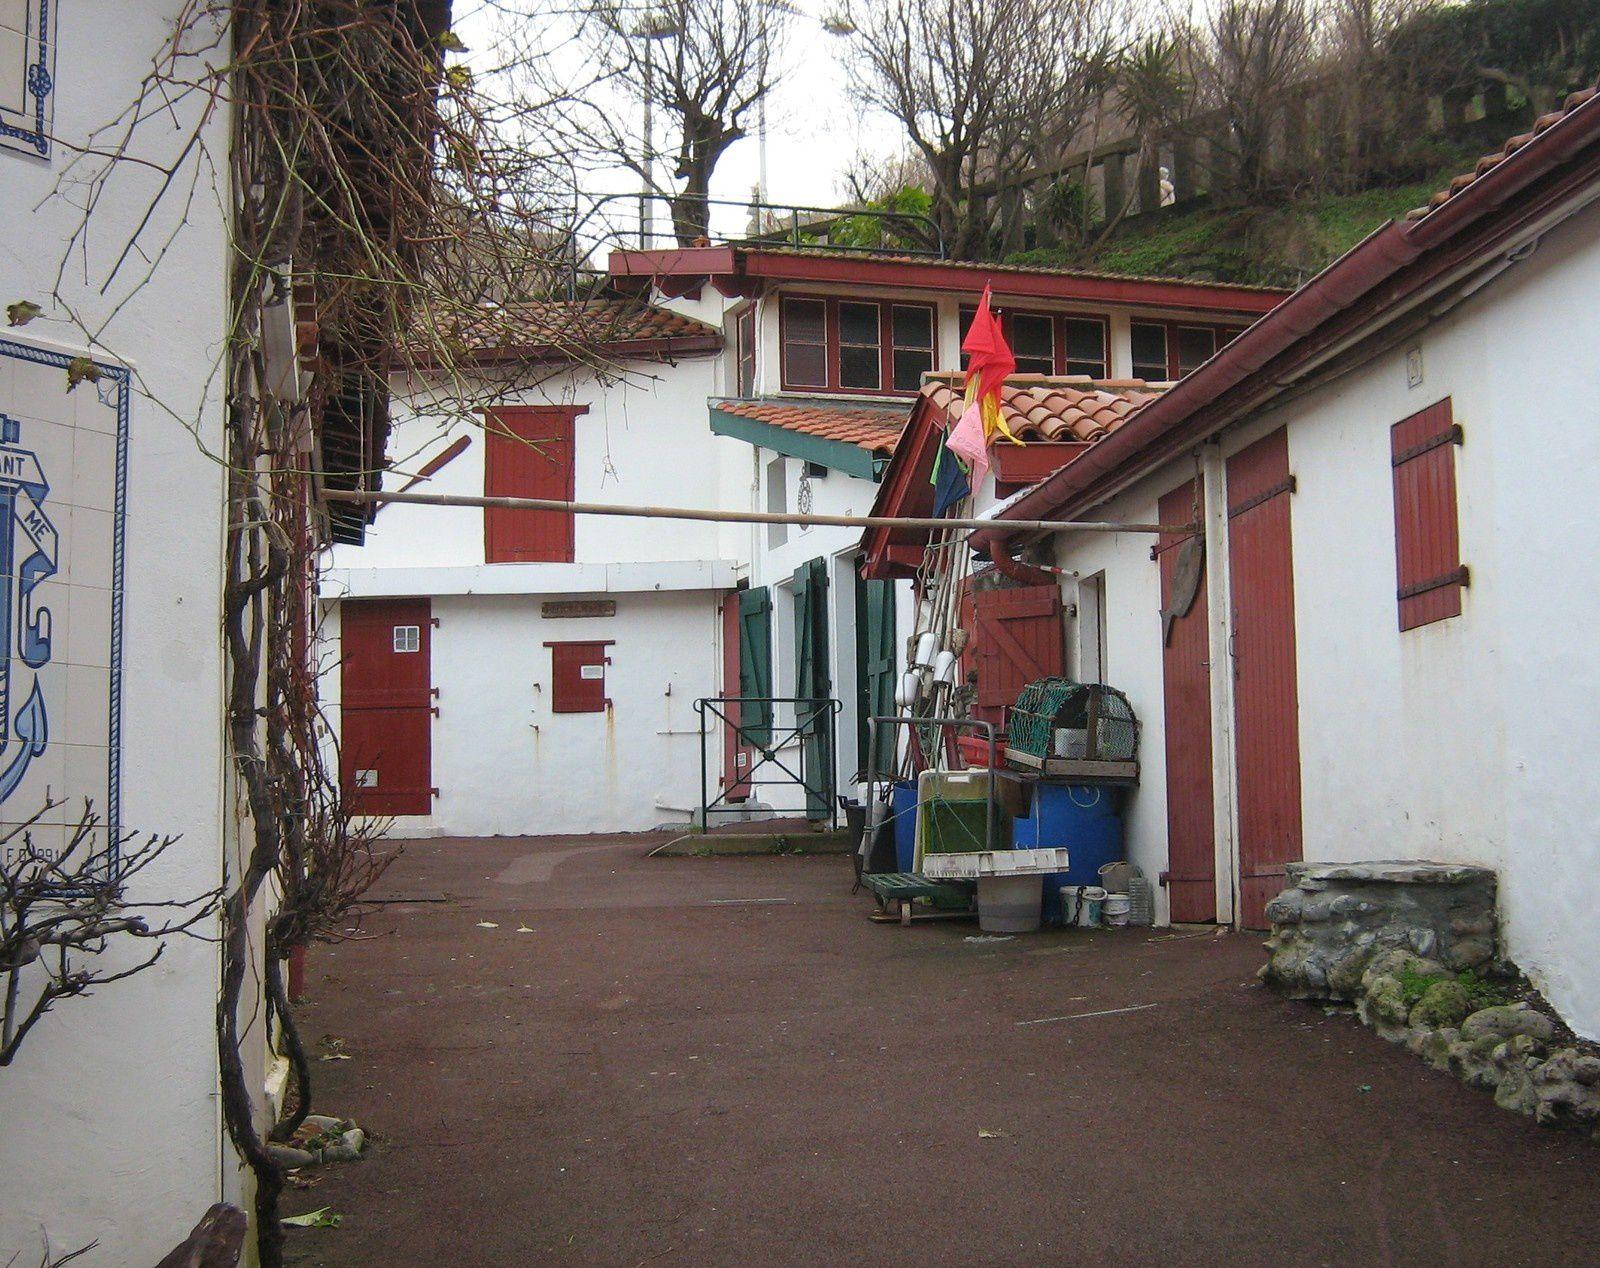 Les petites constructions pittoresques baptisées crampottes sont la propriété de la commune. Elles sont attribuées aux propriétaires de bateaux qui mouillent dans les bassins du port.